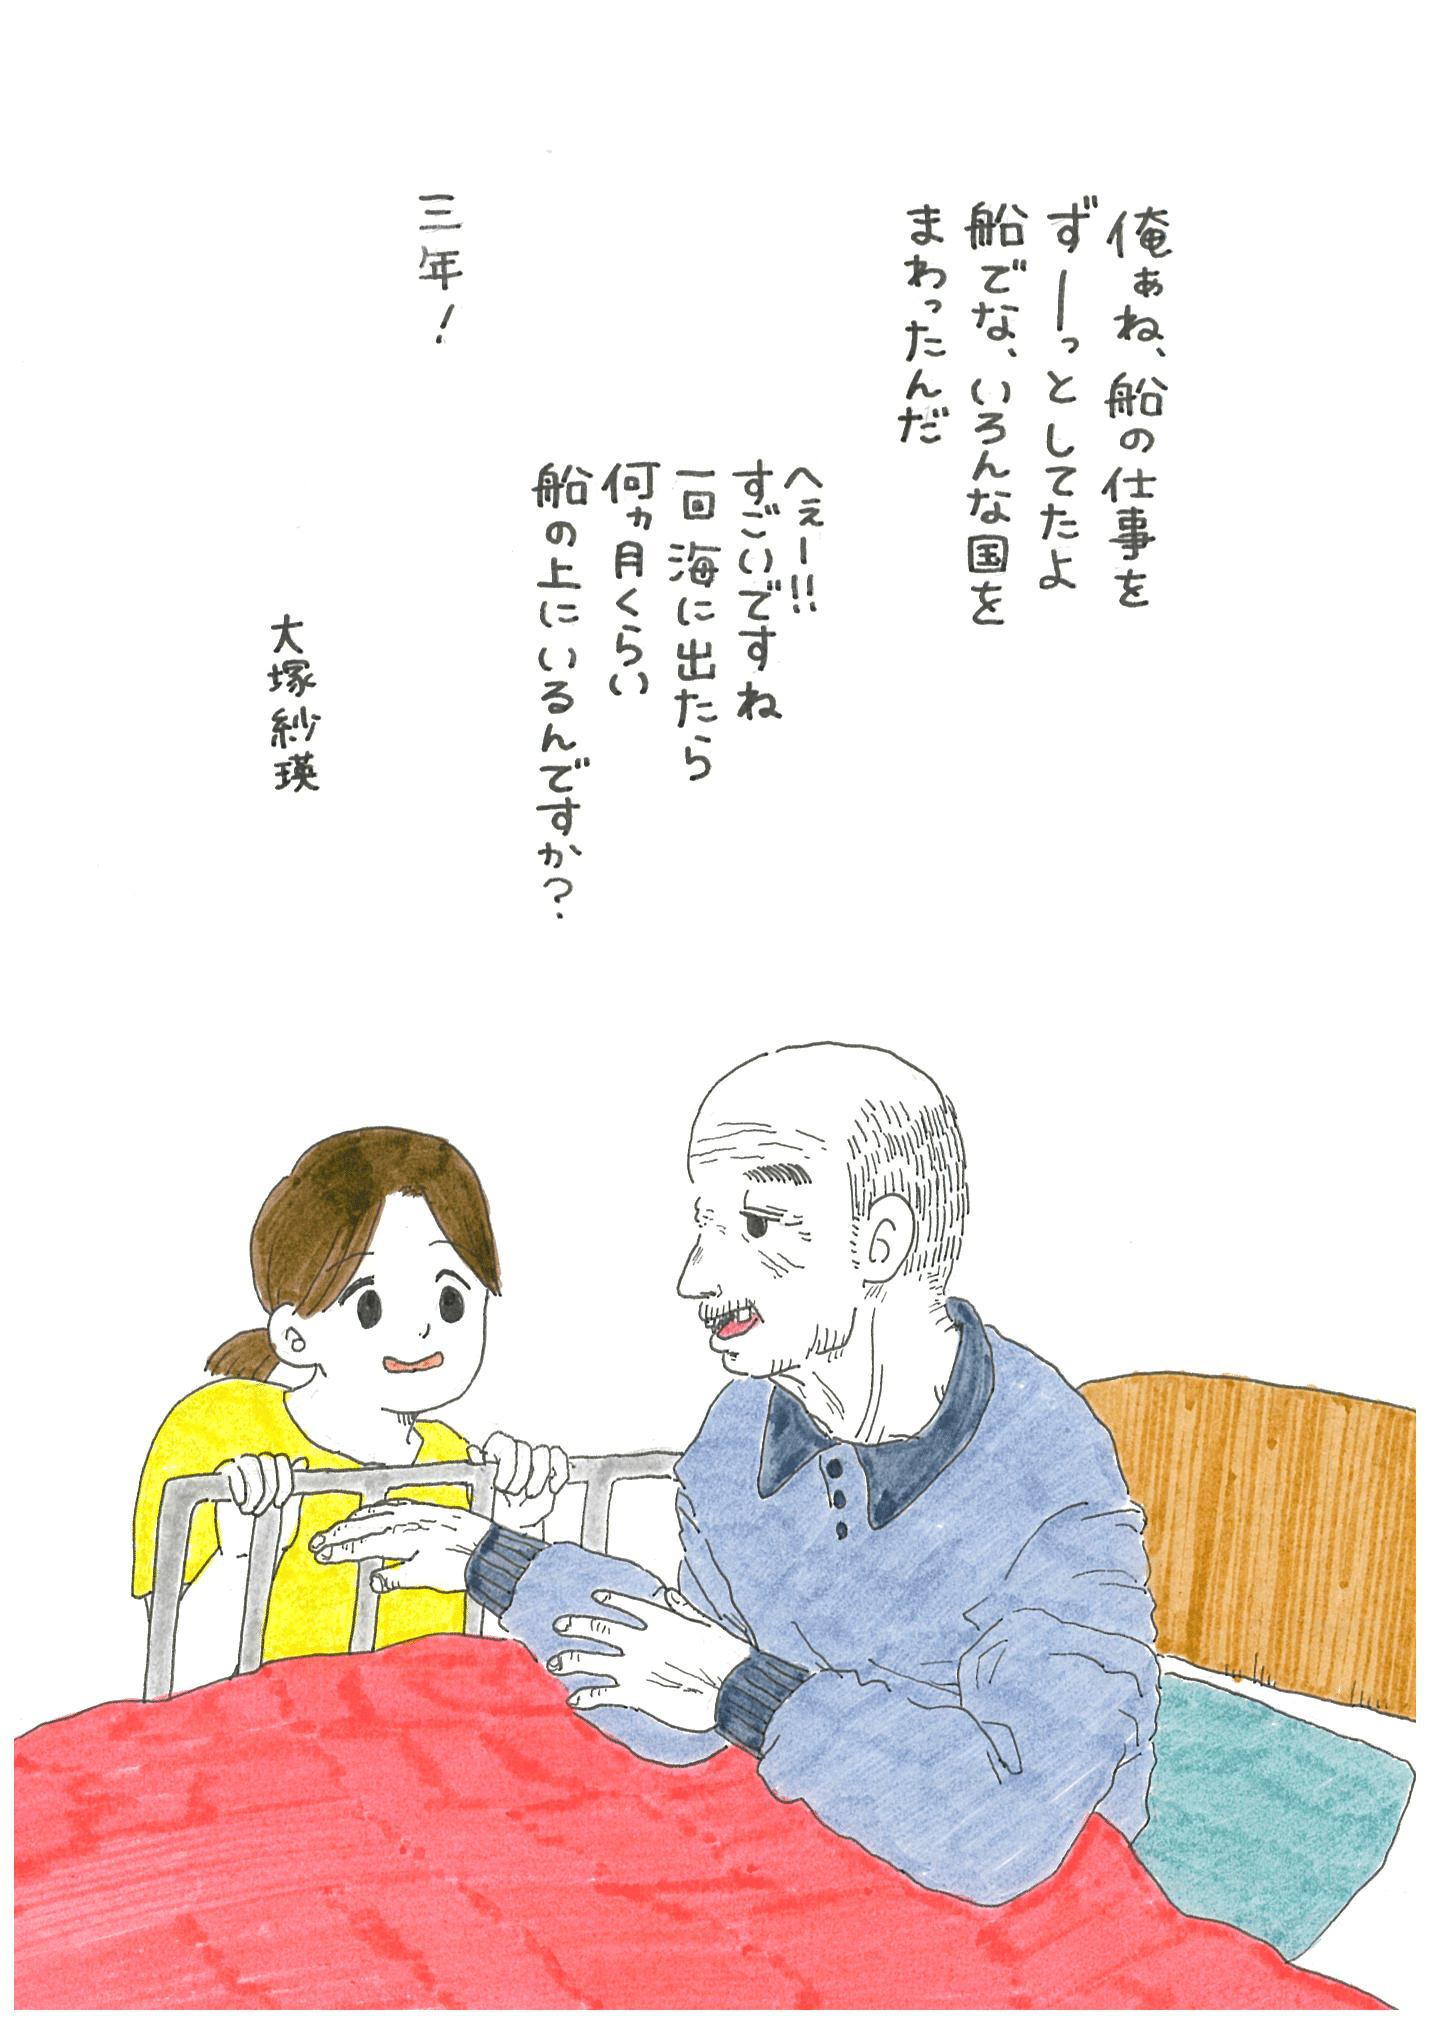 【連載】大塚紗瑛の介護絵日記『すいもあまいも』|第2話「仕事の話」